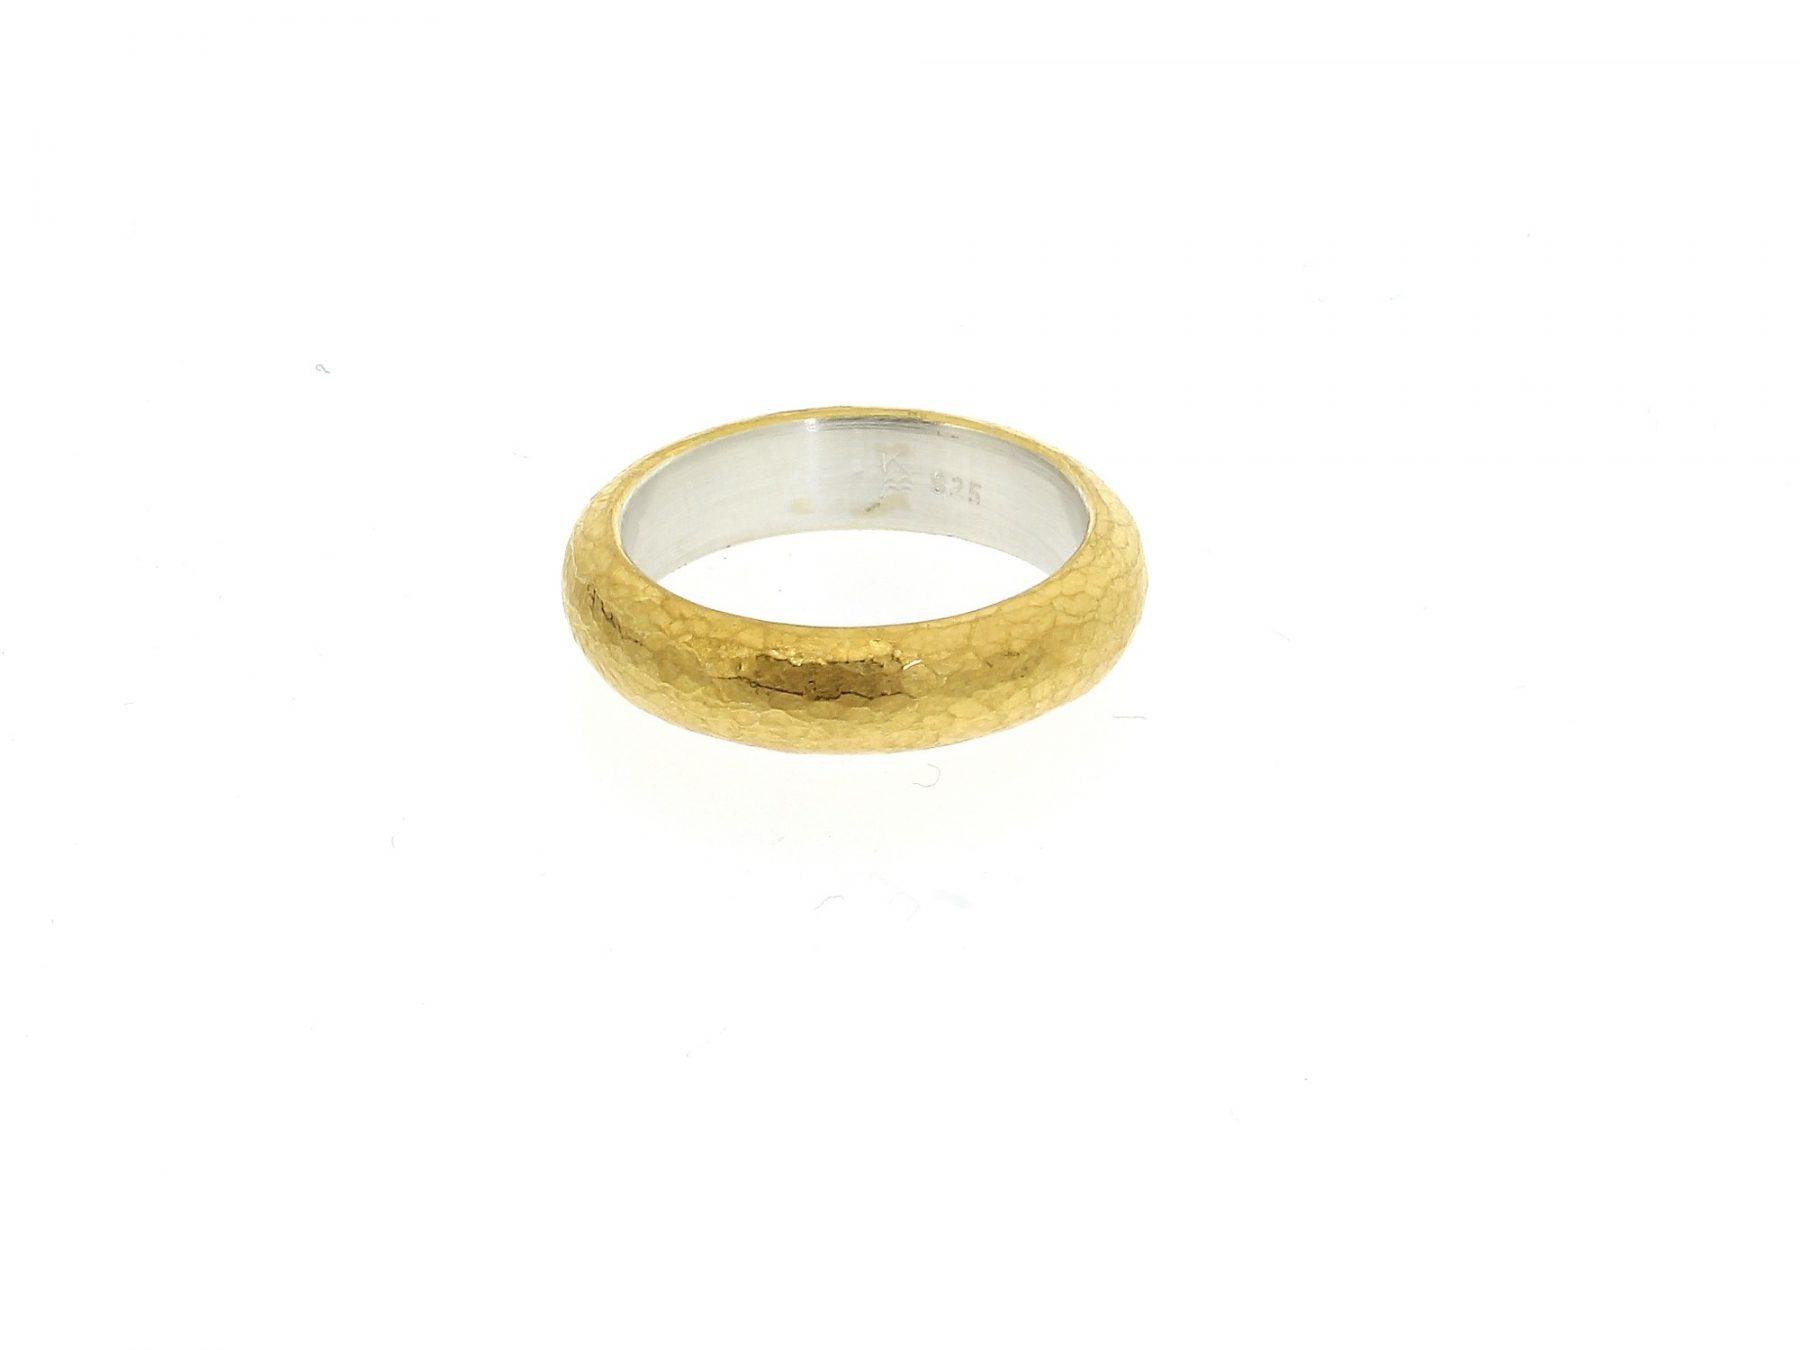 Ring 925 Silber Feingold - Monika Killinger - R1212